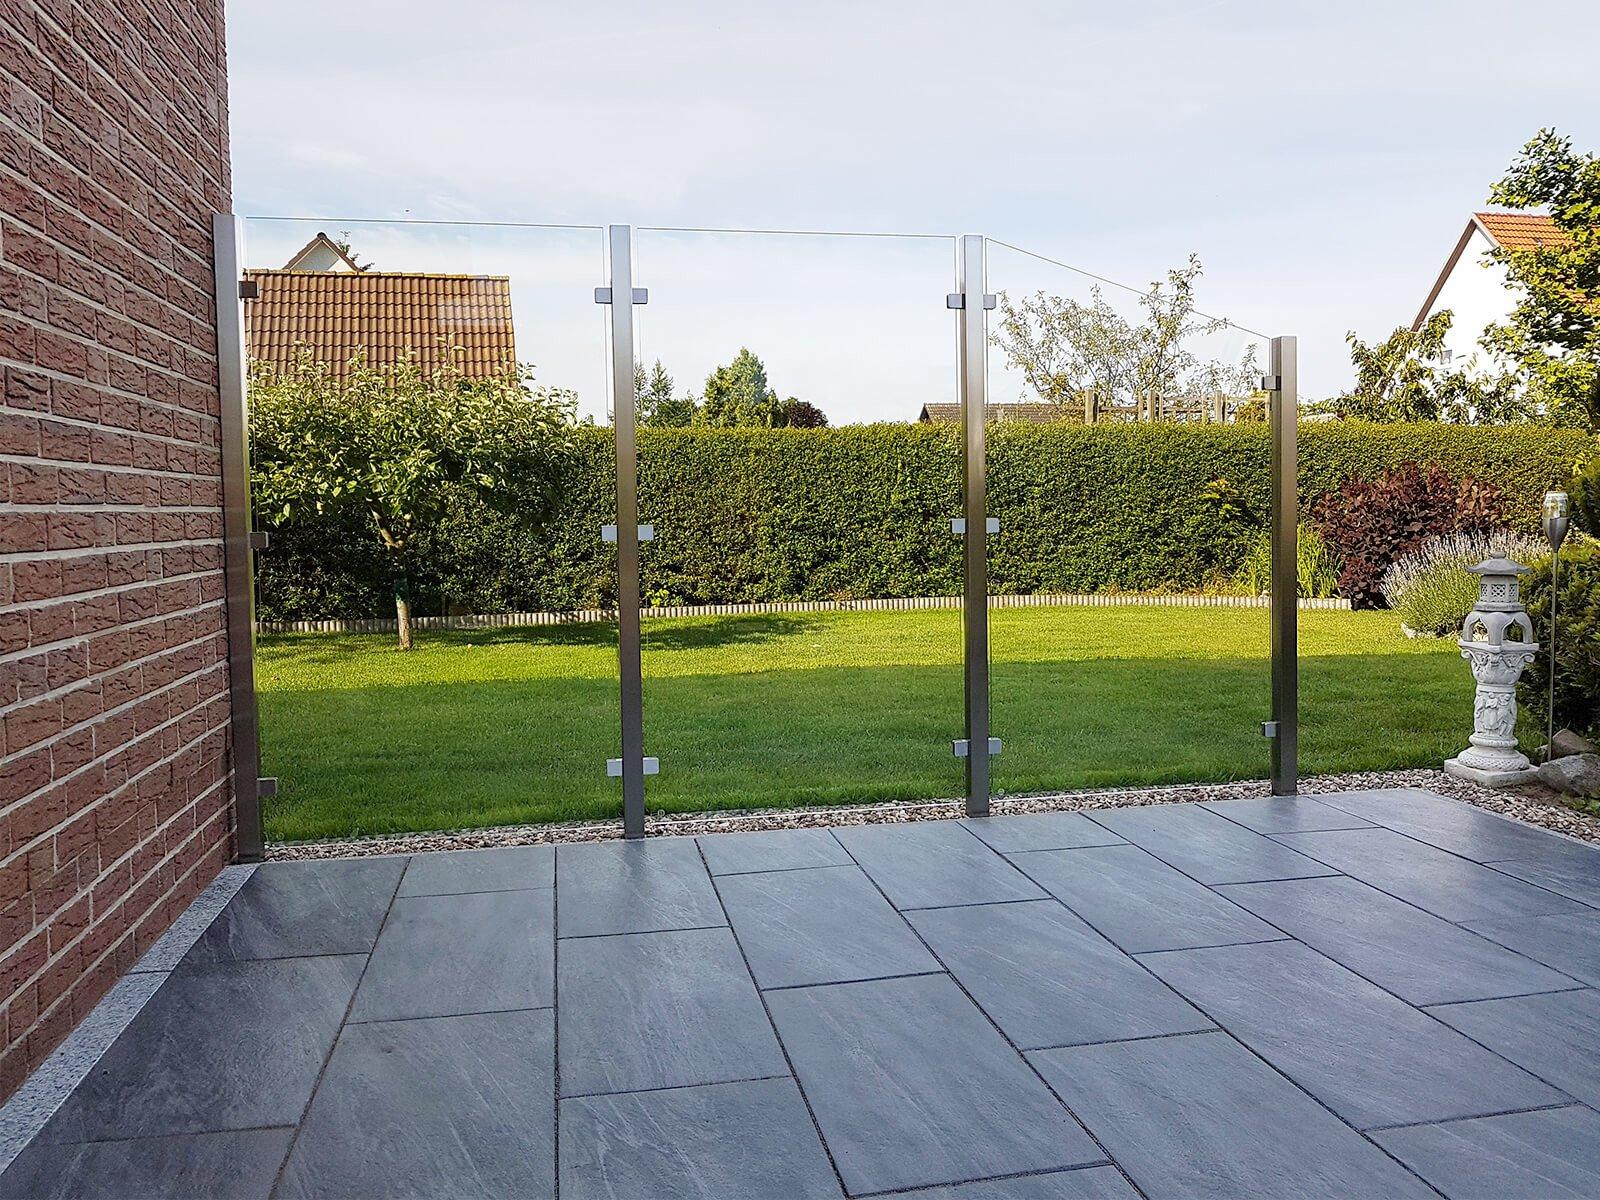 Glaszaun mit Windschutz Feng ohne Sichteinschränkung aus Glas zeitloses Design für Garten und Terrasse